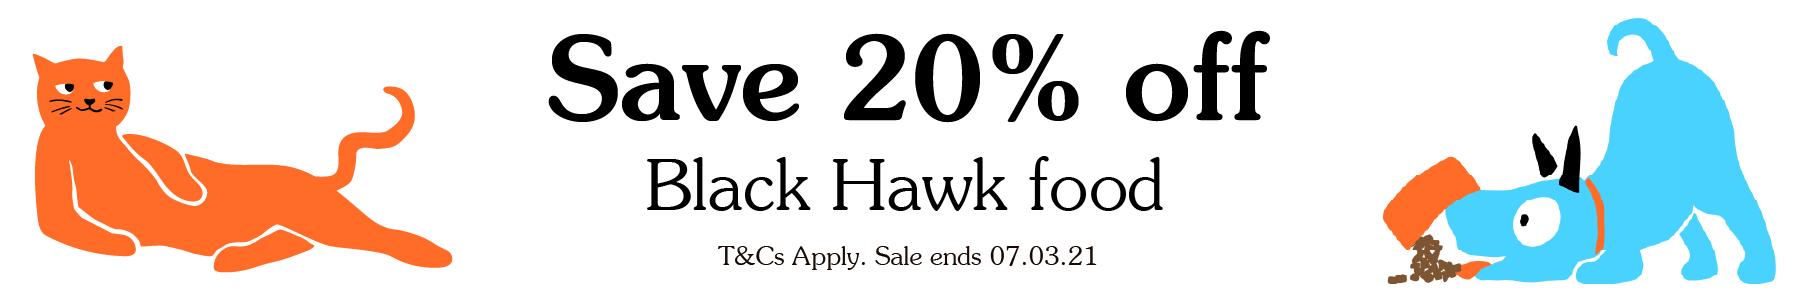 black-hawk-20-off-0321.png